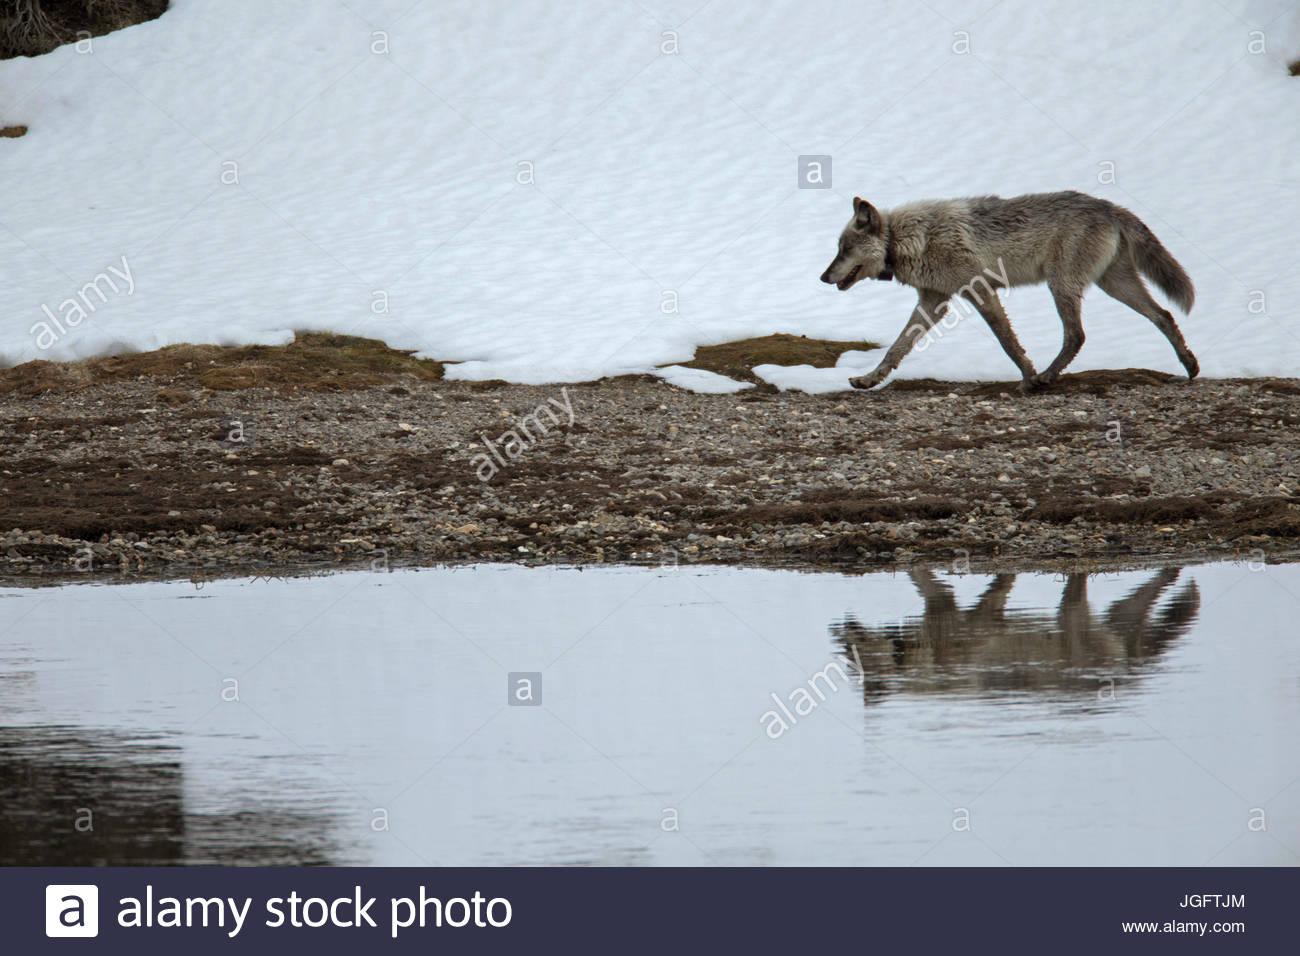 Ein grauer Wolf, Canis Lupus, ein Tracking-Halsband, Spaziergänge entlang der Yellowstone River. Stockbild